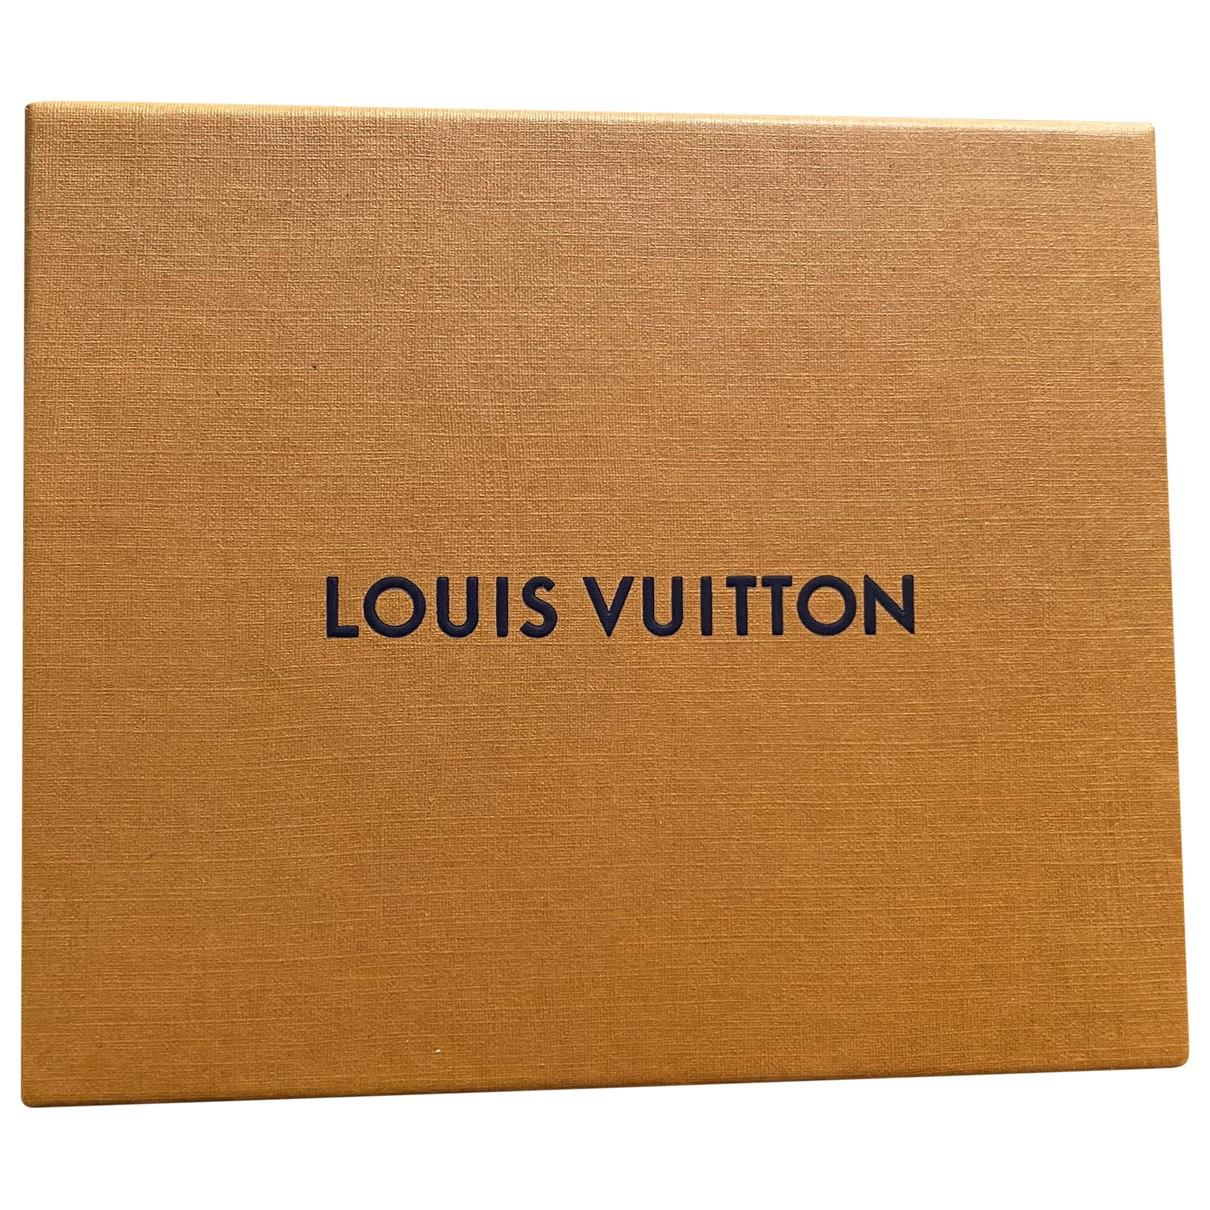 Louis Vuitton - Objets & Deco Boite a bijoux pour lifestyle en autre - orange